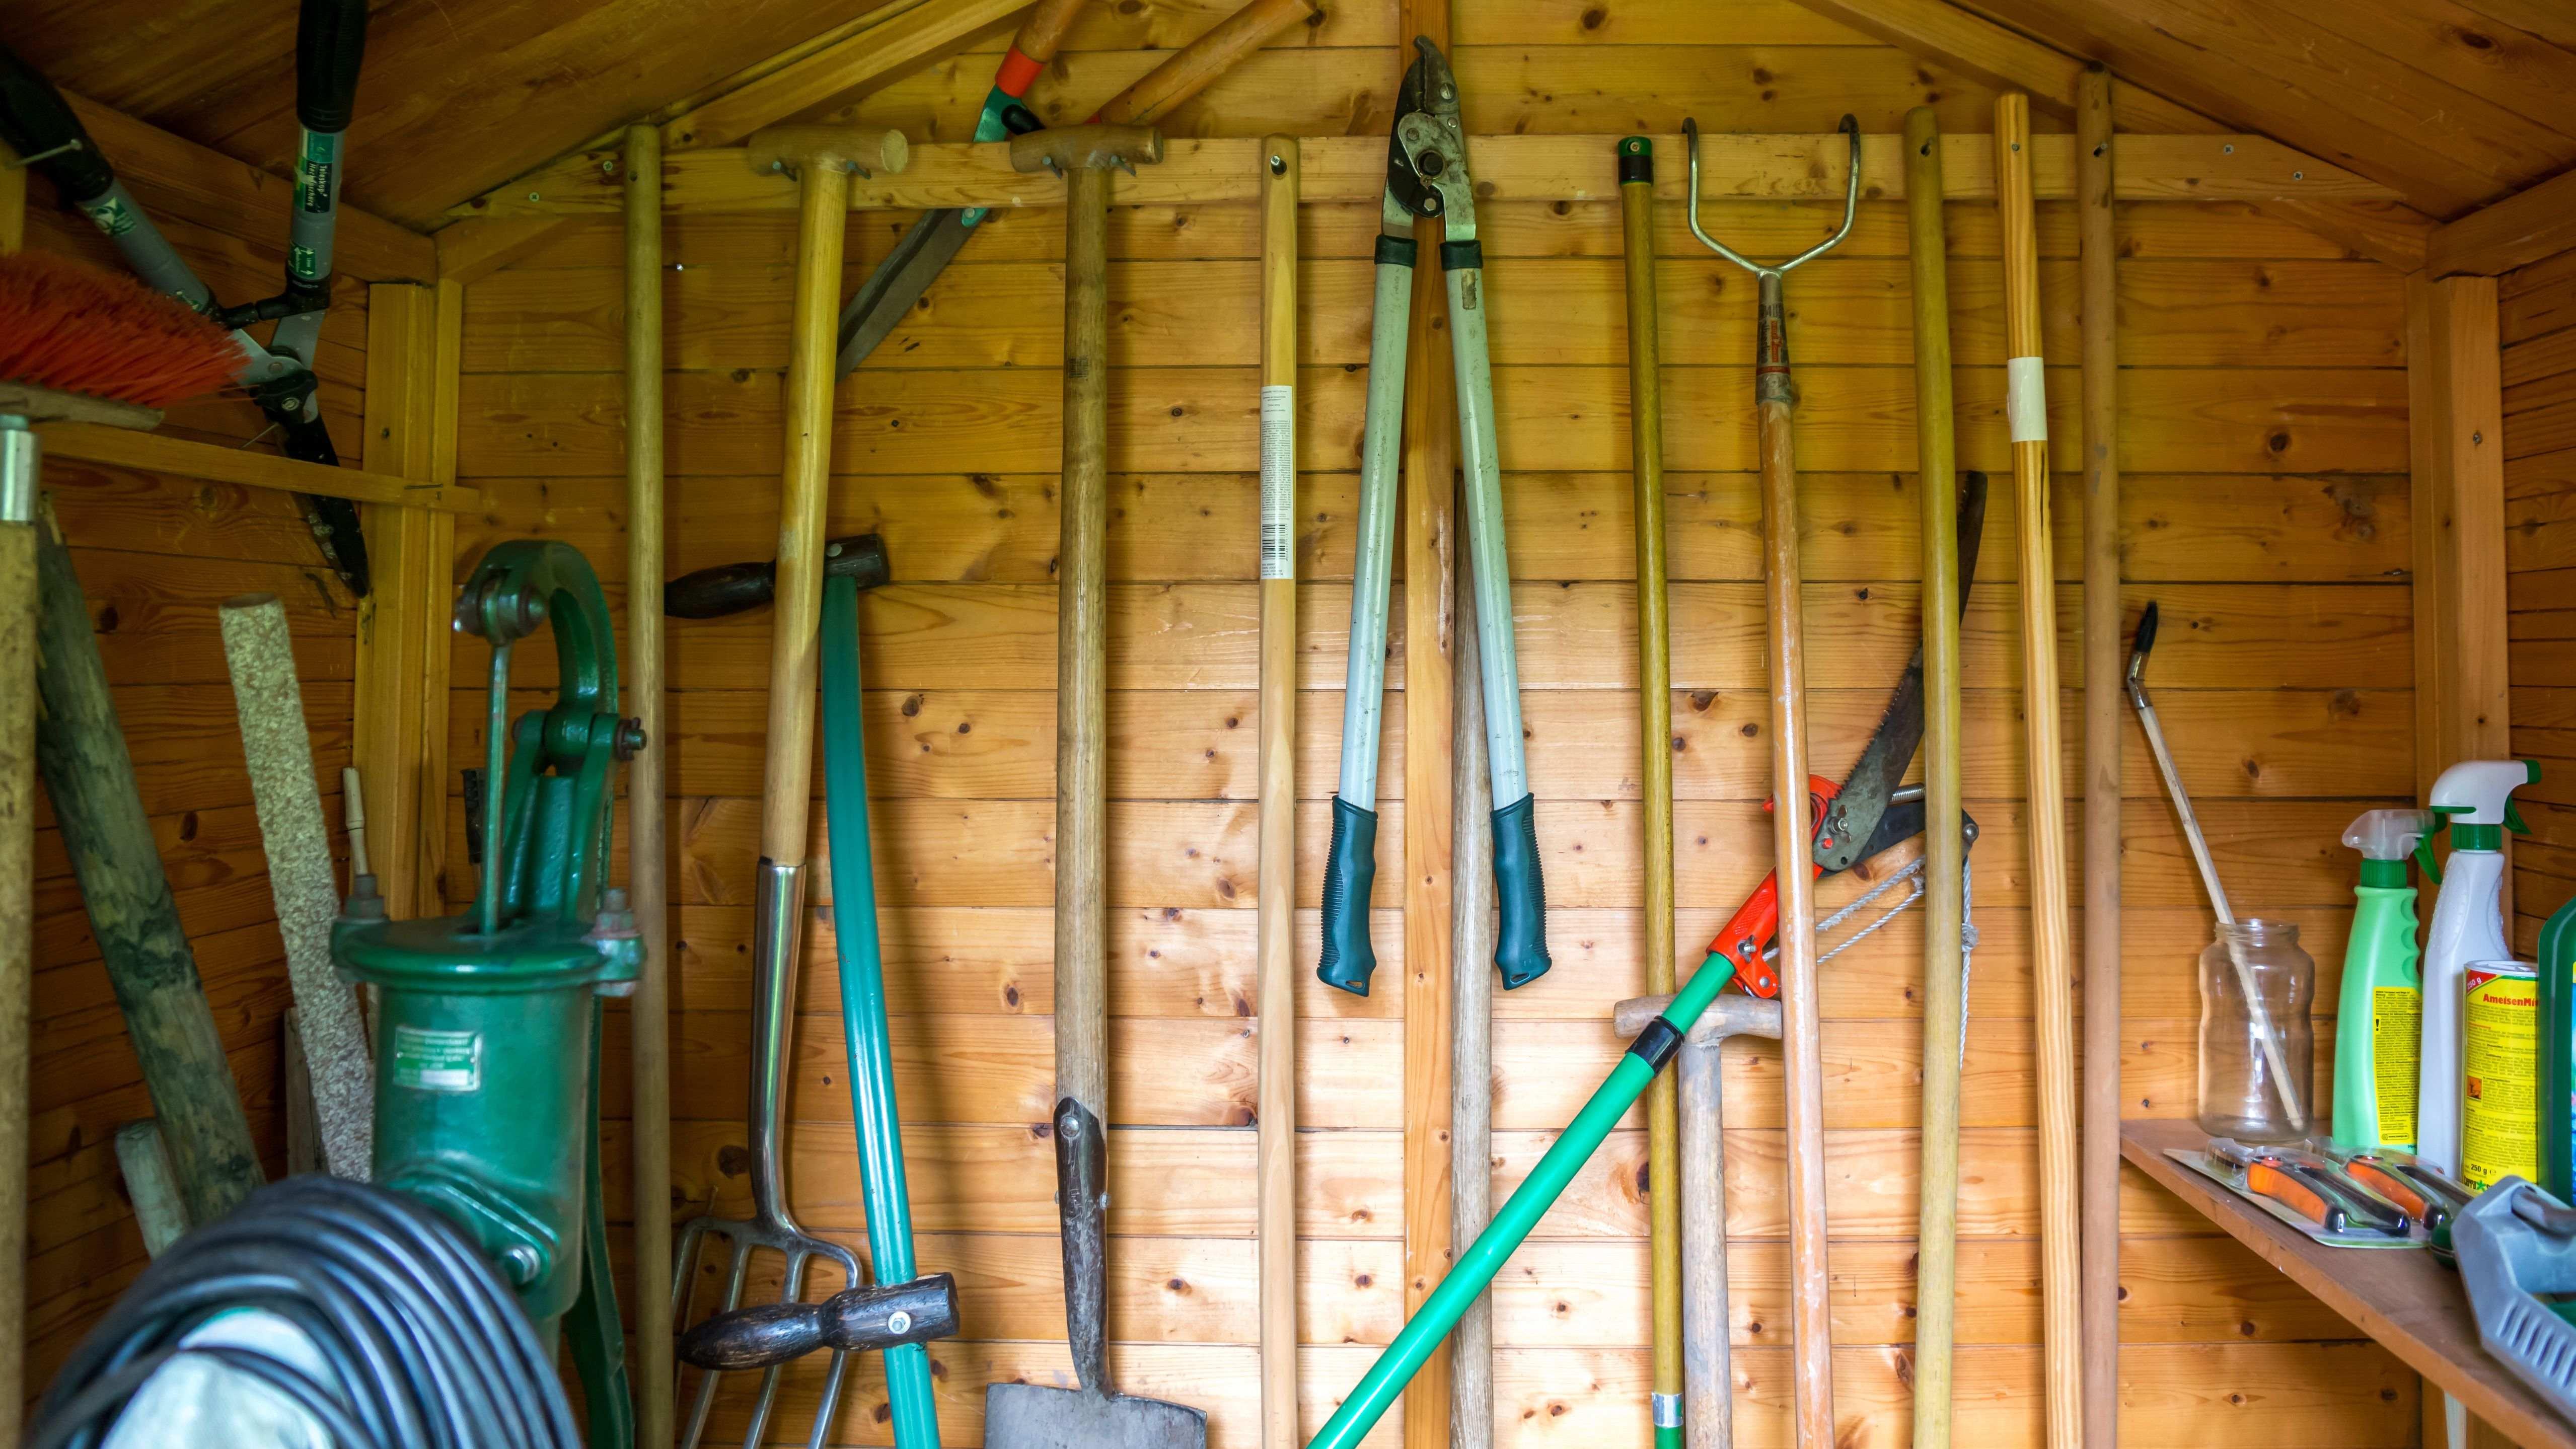 Comment choisir son manche et entretenir ses outils de jardin